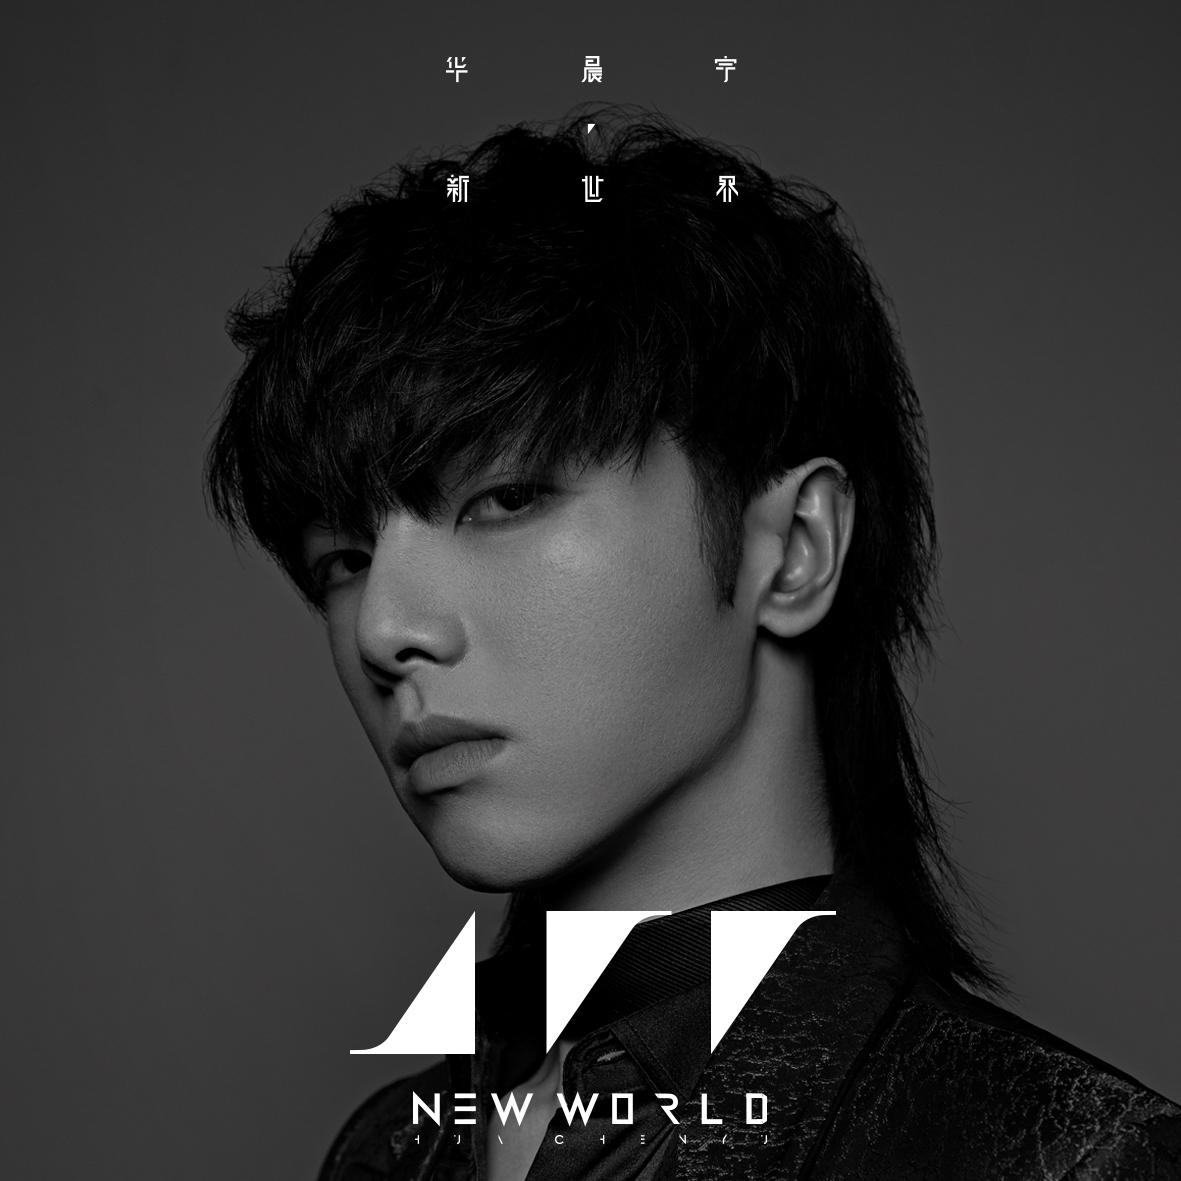 华晨宇新专辑《新世界》预售上线1小时销量61w+!